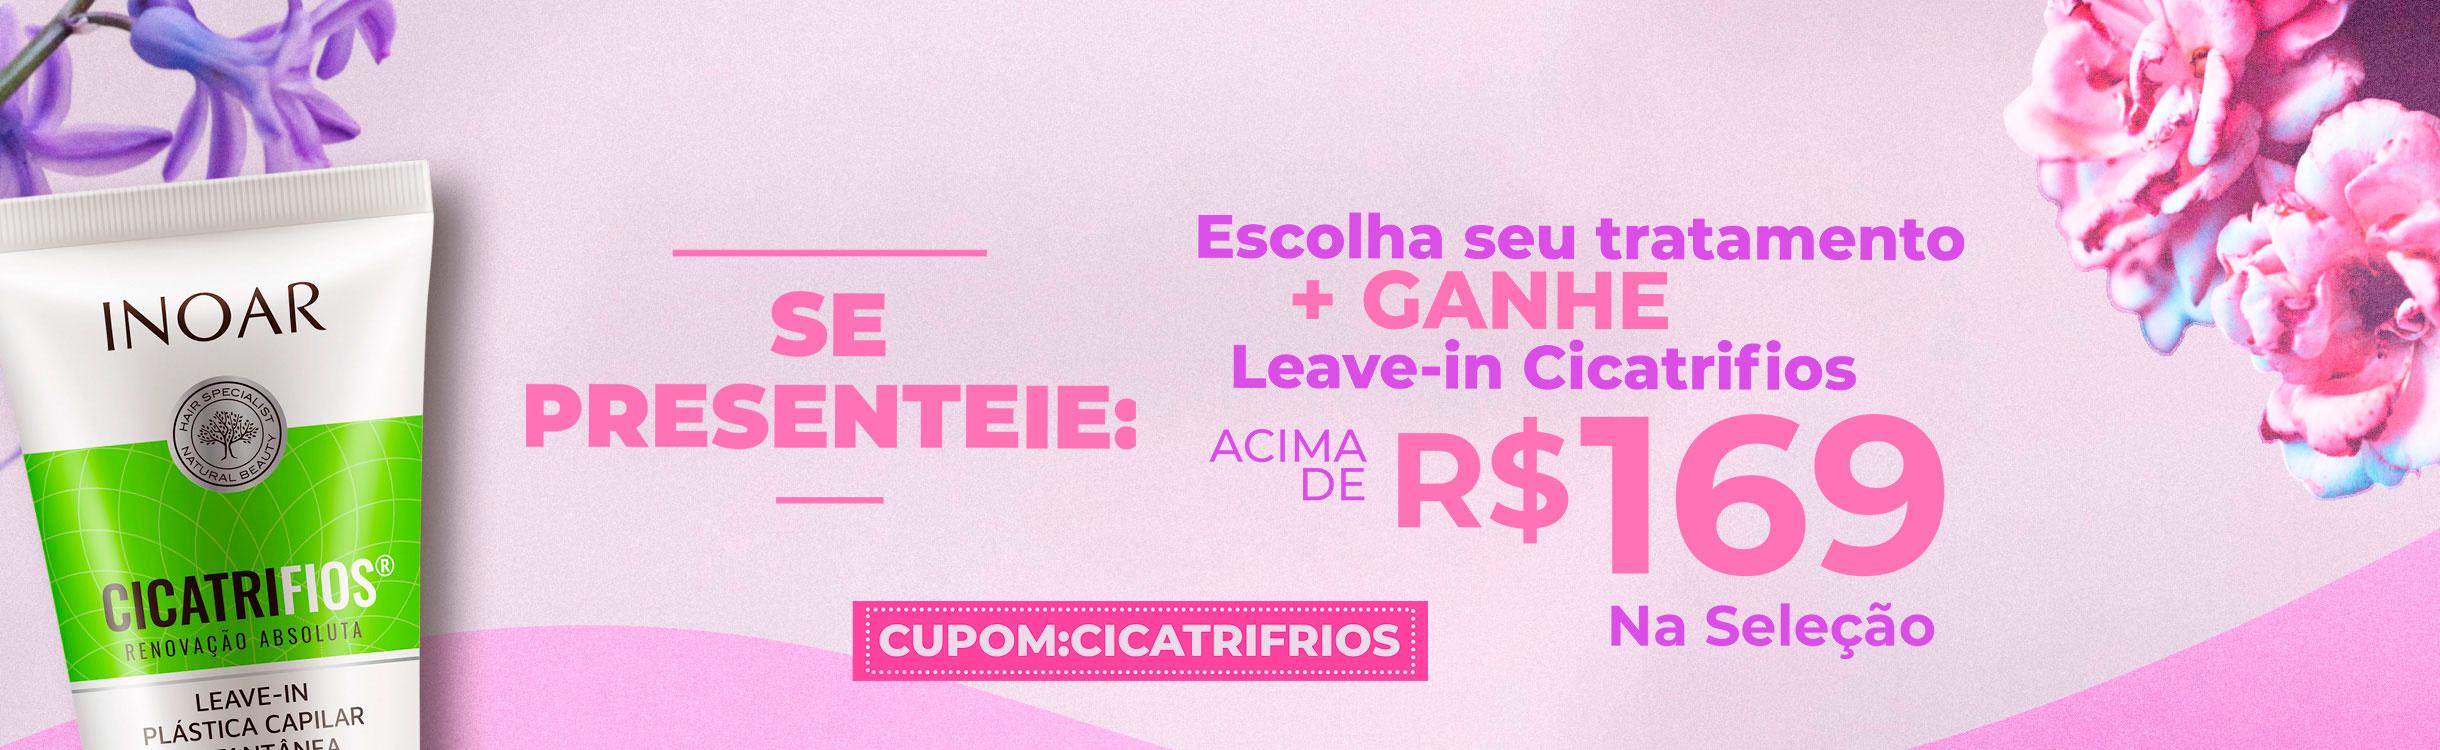 Ganhe Leave-in Cicatrifios acima de R$ 169 na seleção